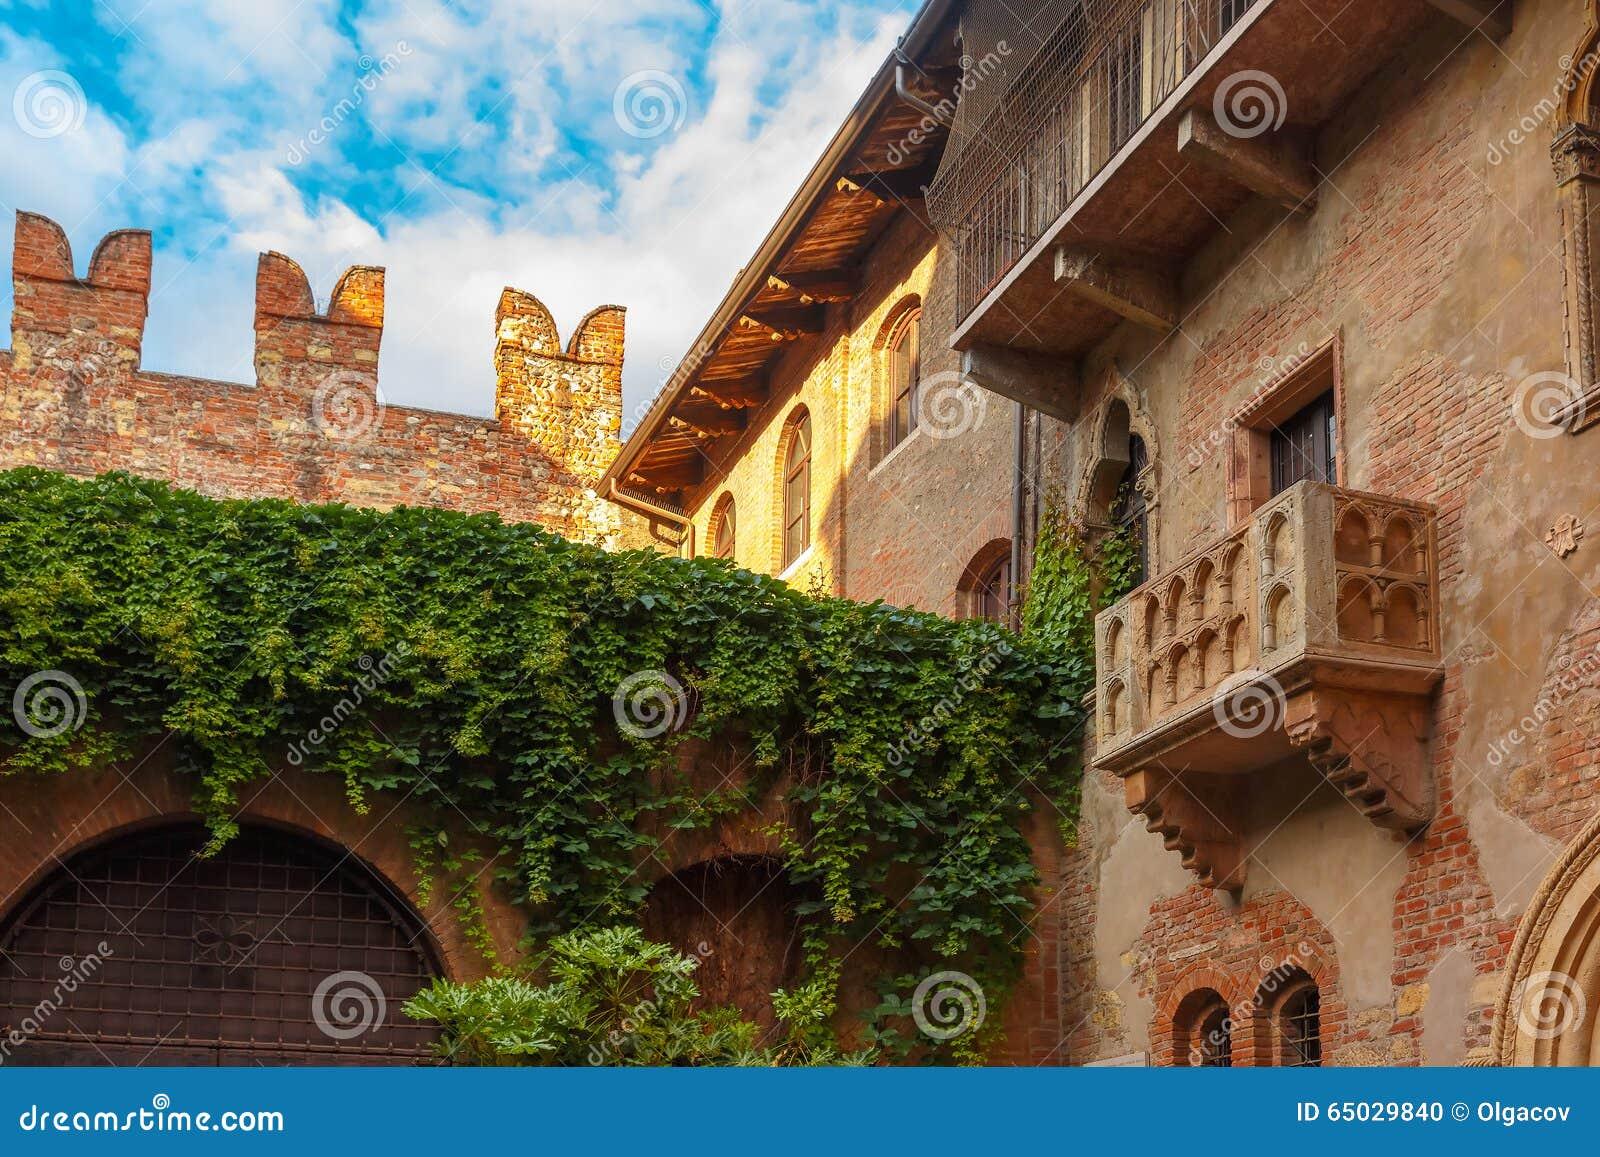 Romeo Und Juliet Balkon In Verona Italy Stockfoto Bild Von